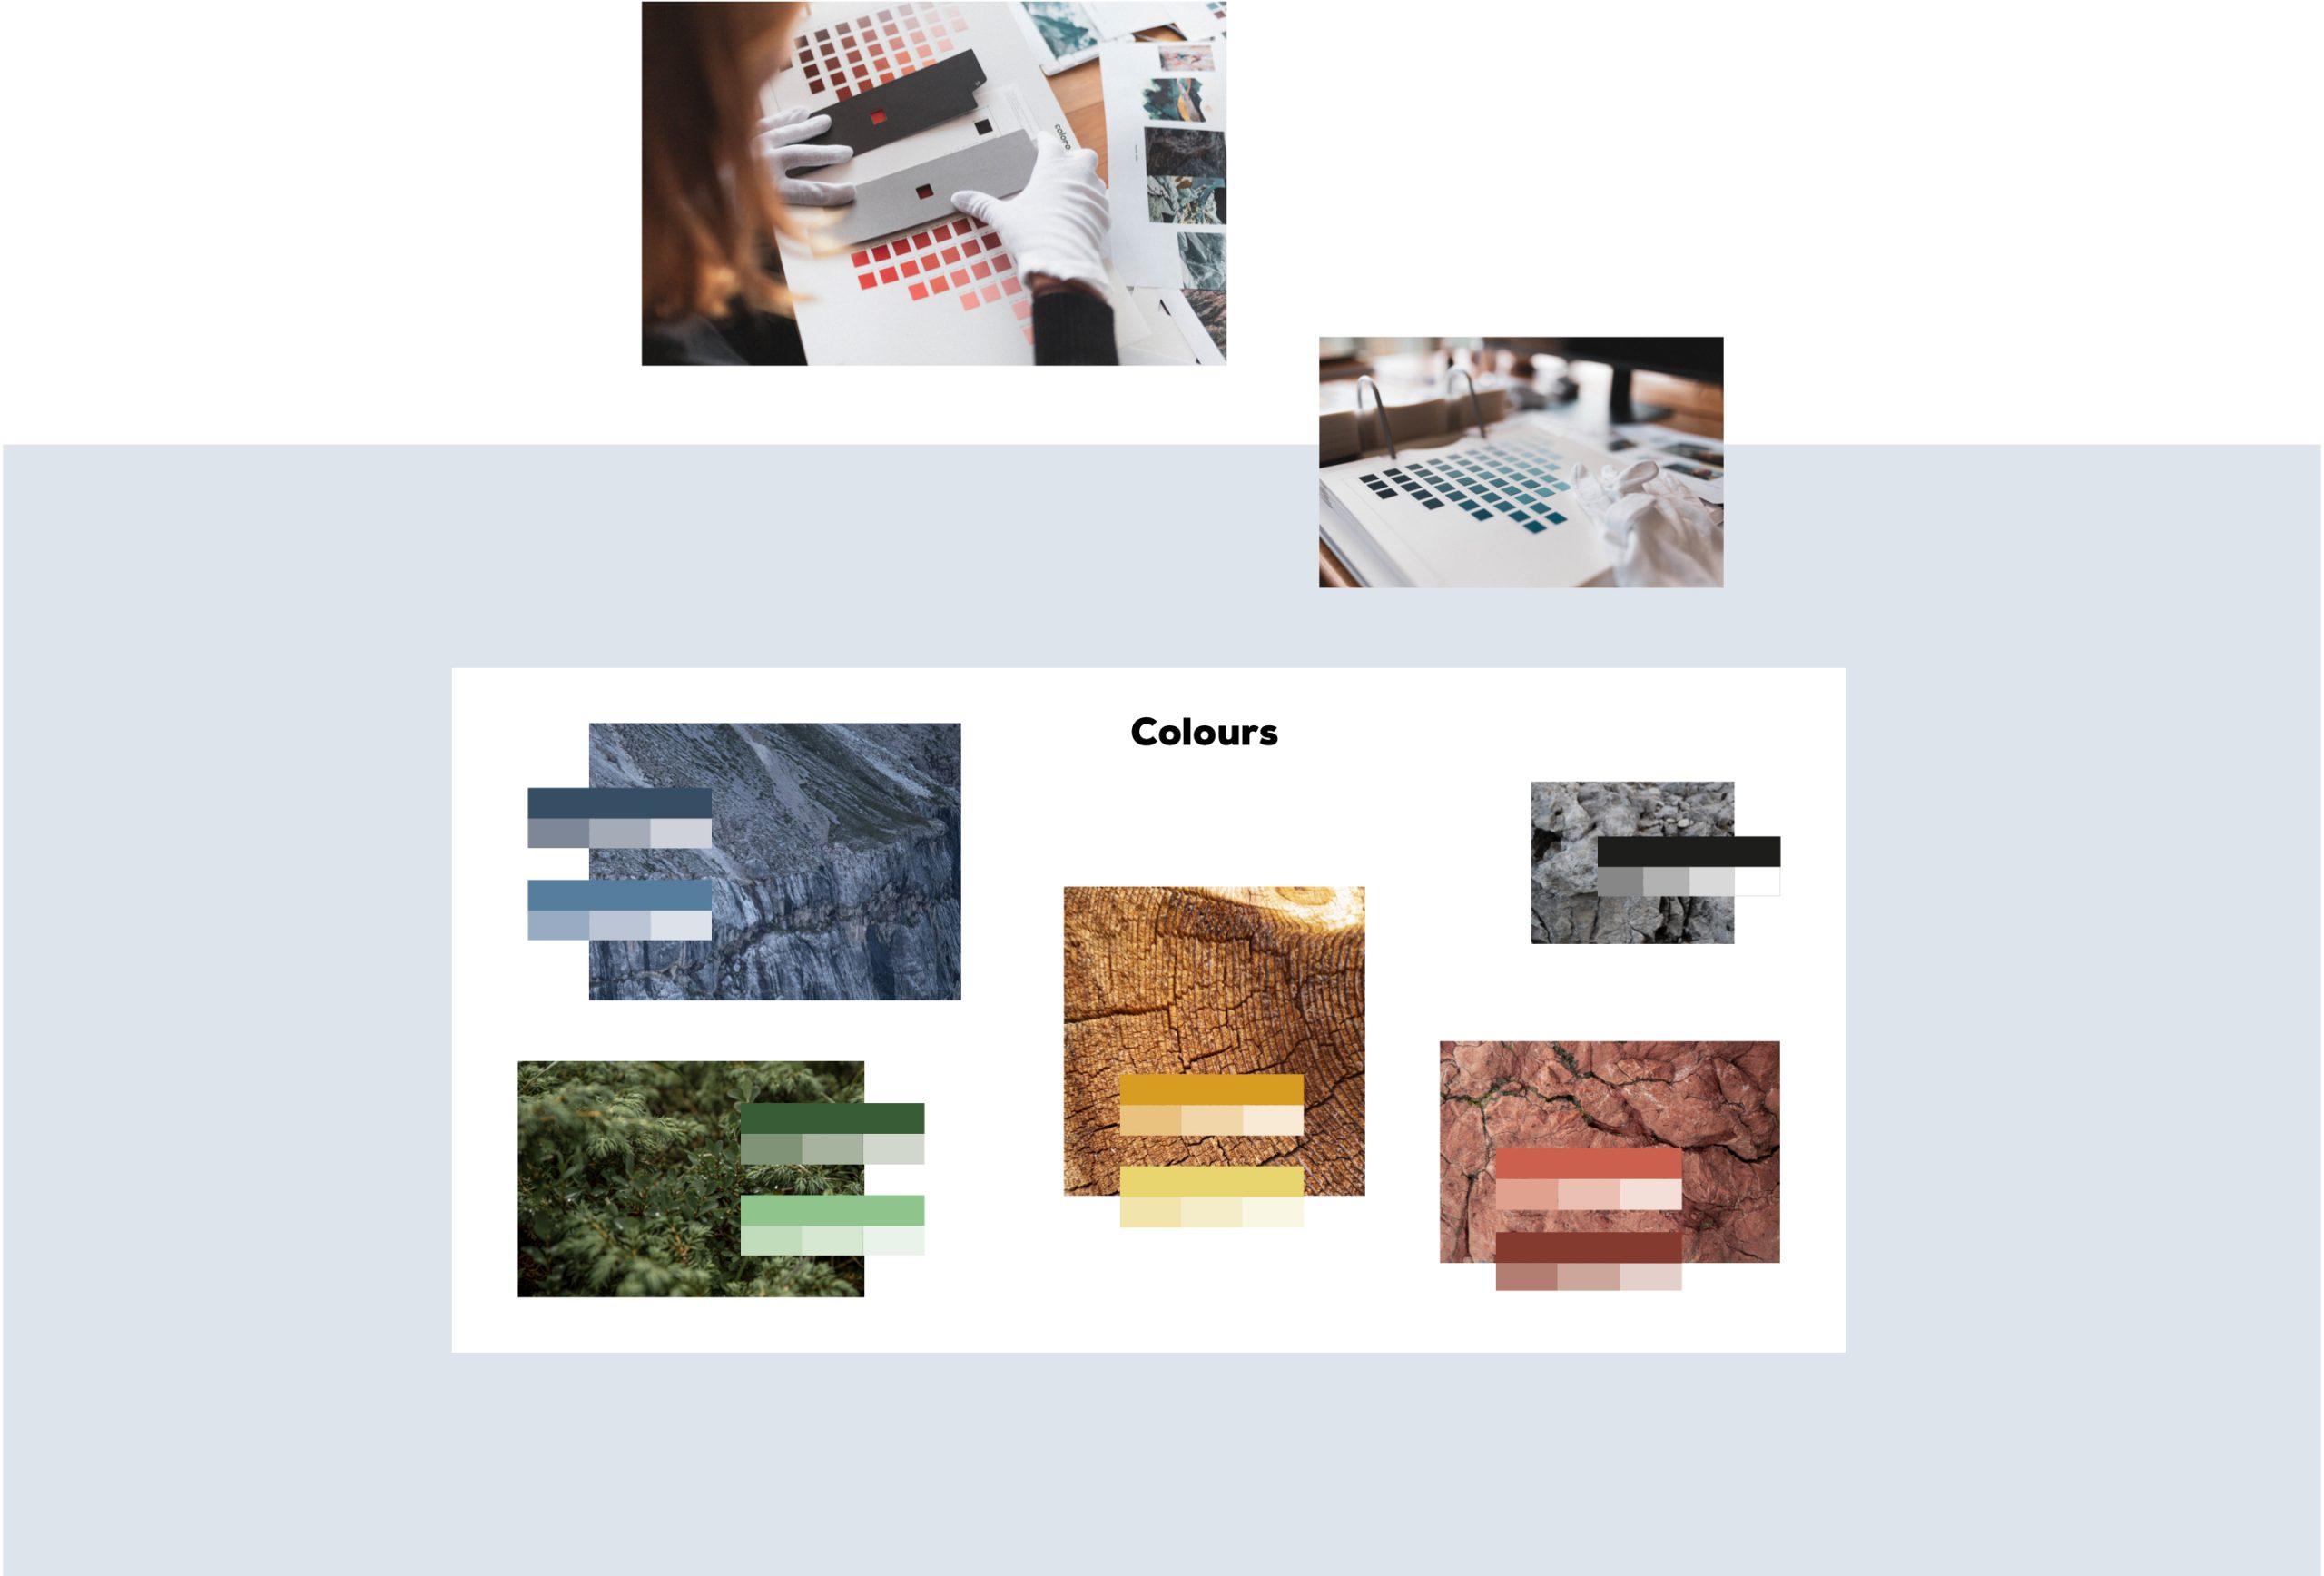 pascher-heinz-lamunt-launch-color-visual-03